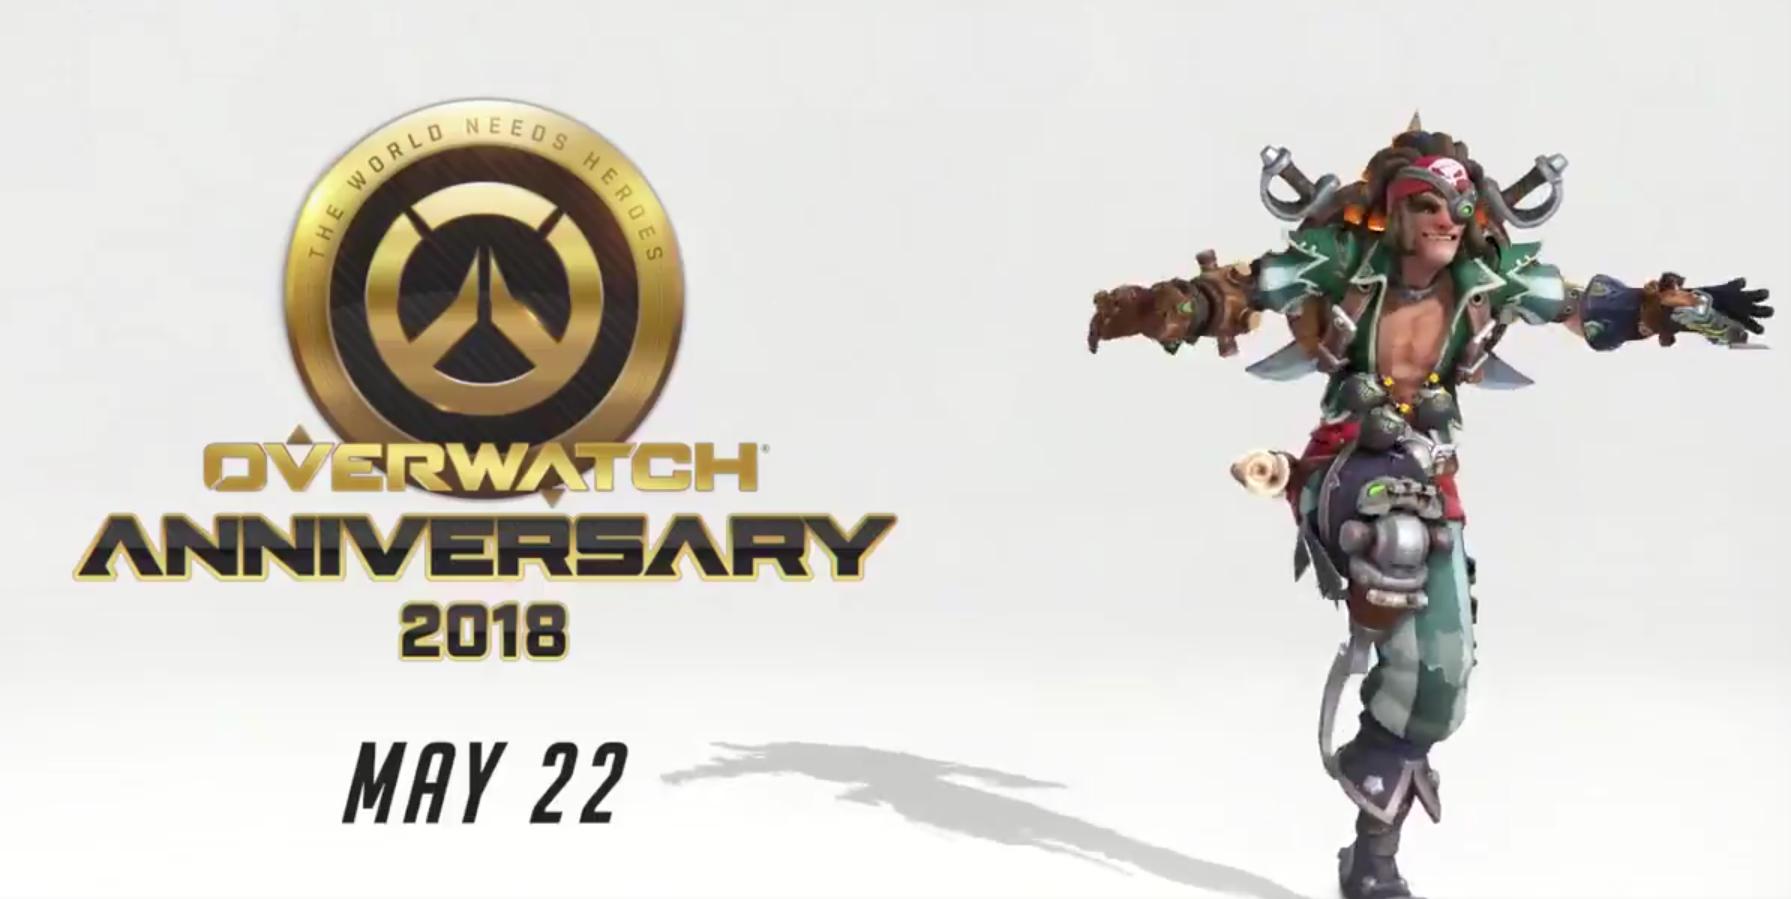 Гответе се за празнично събитие за годишнината на Overwatch